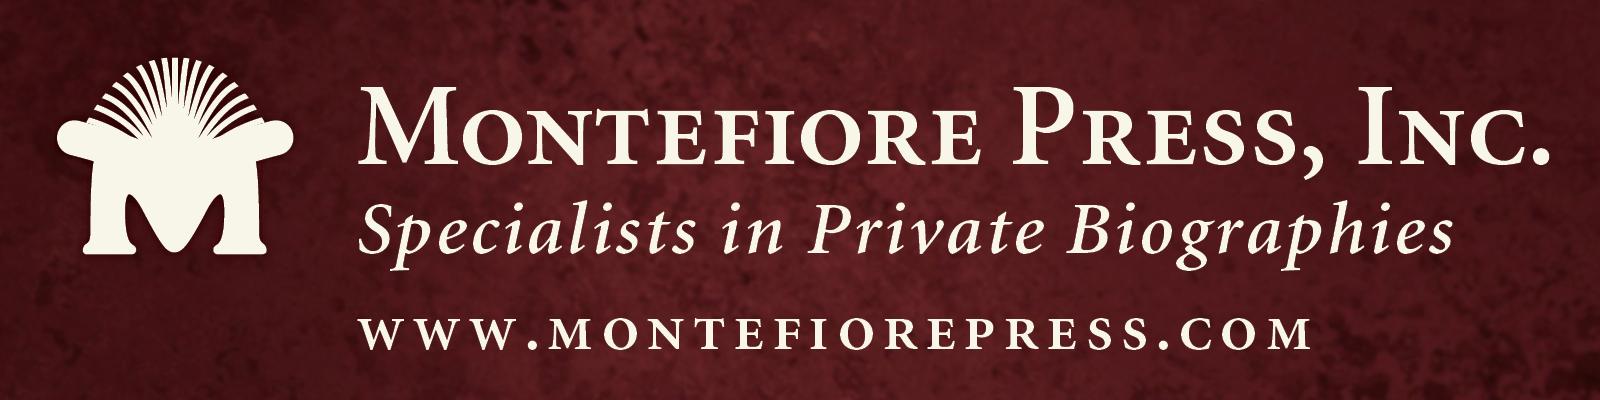 Montefiore-logo-C